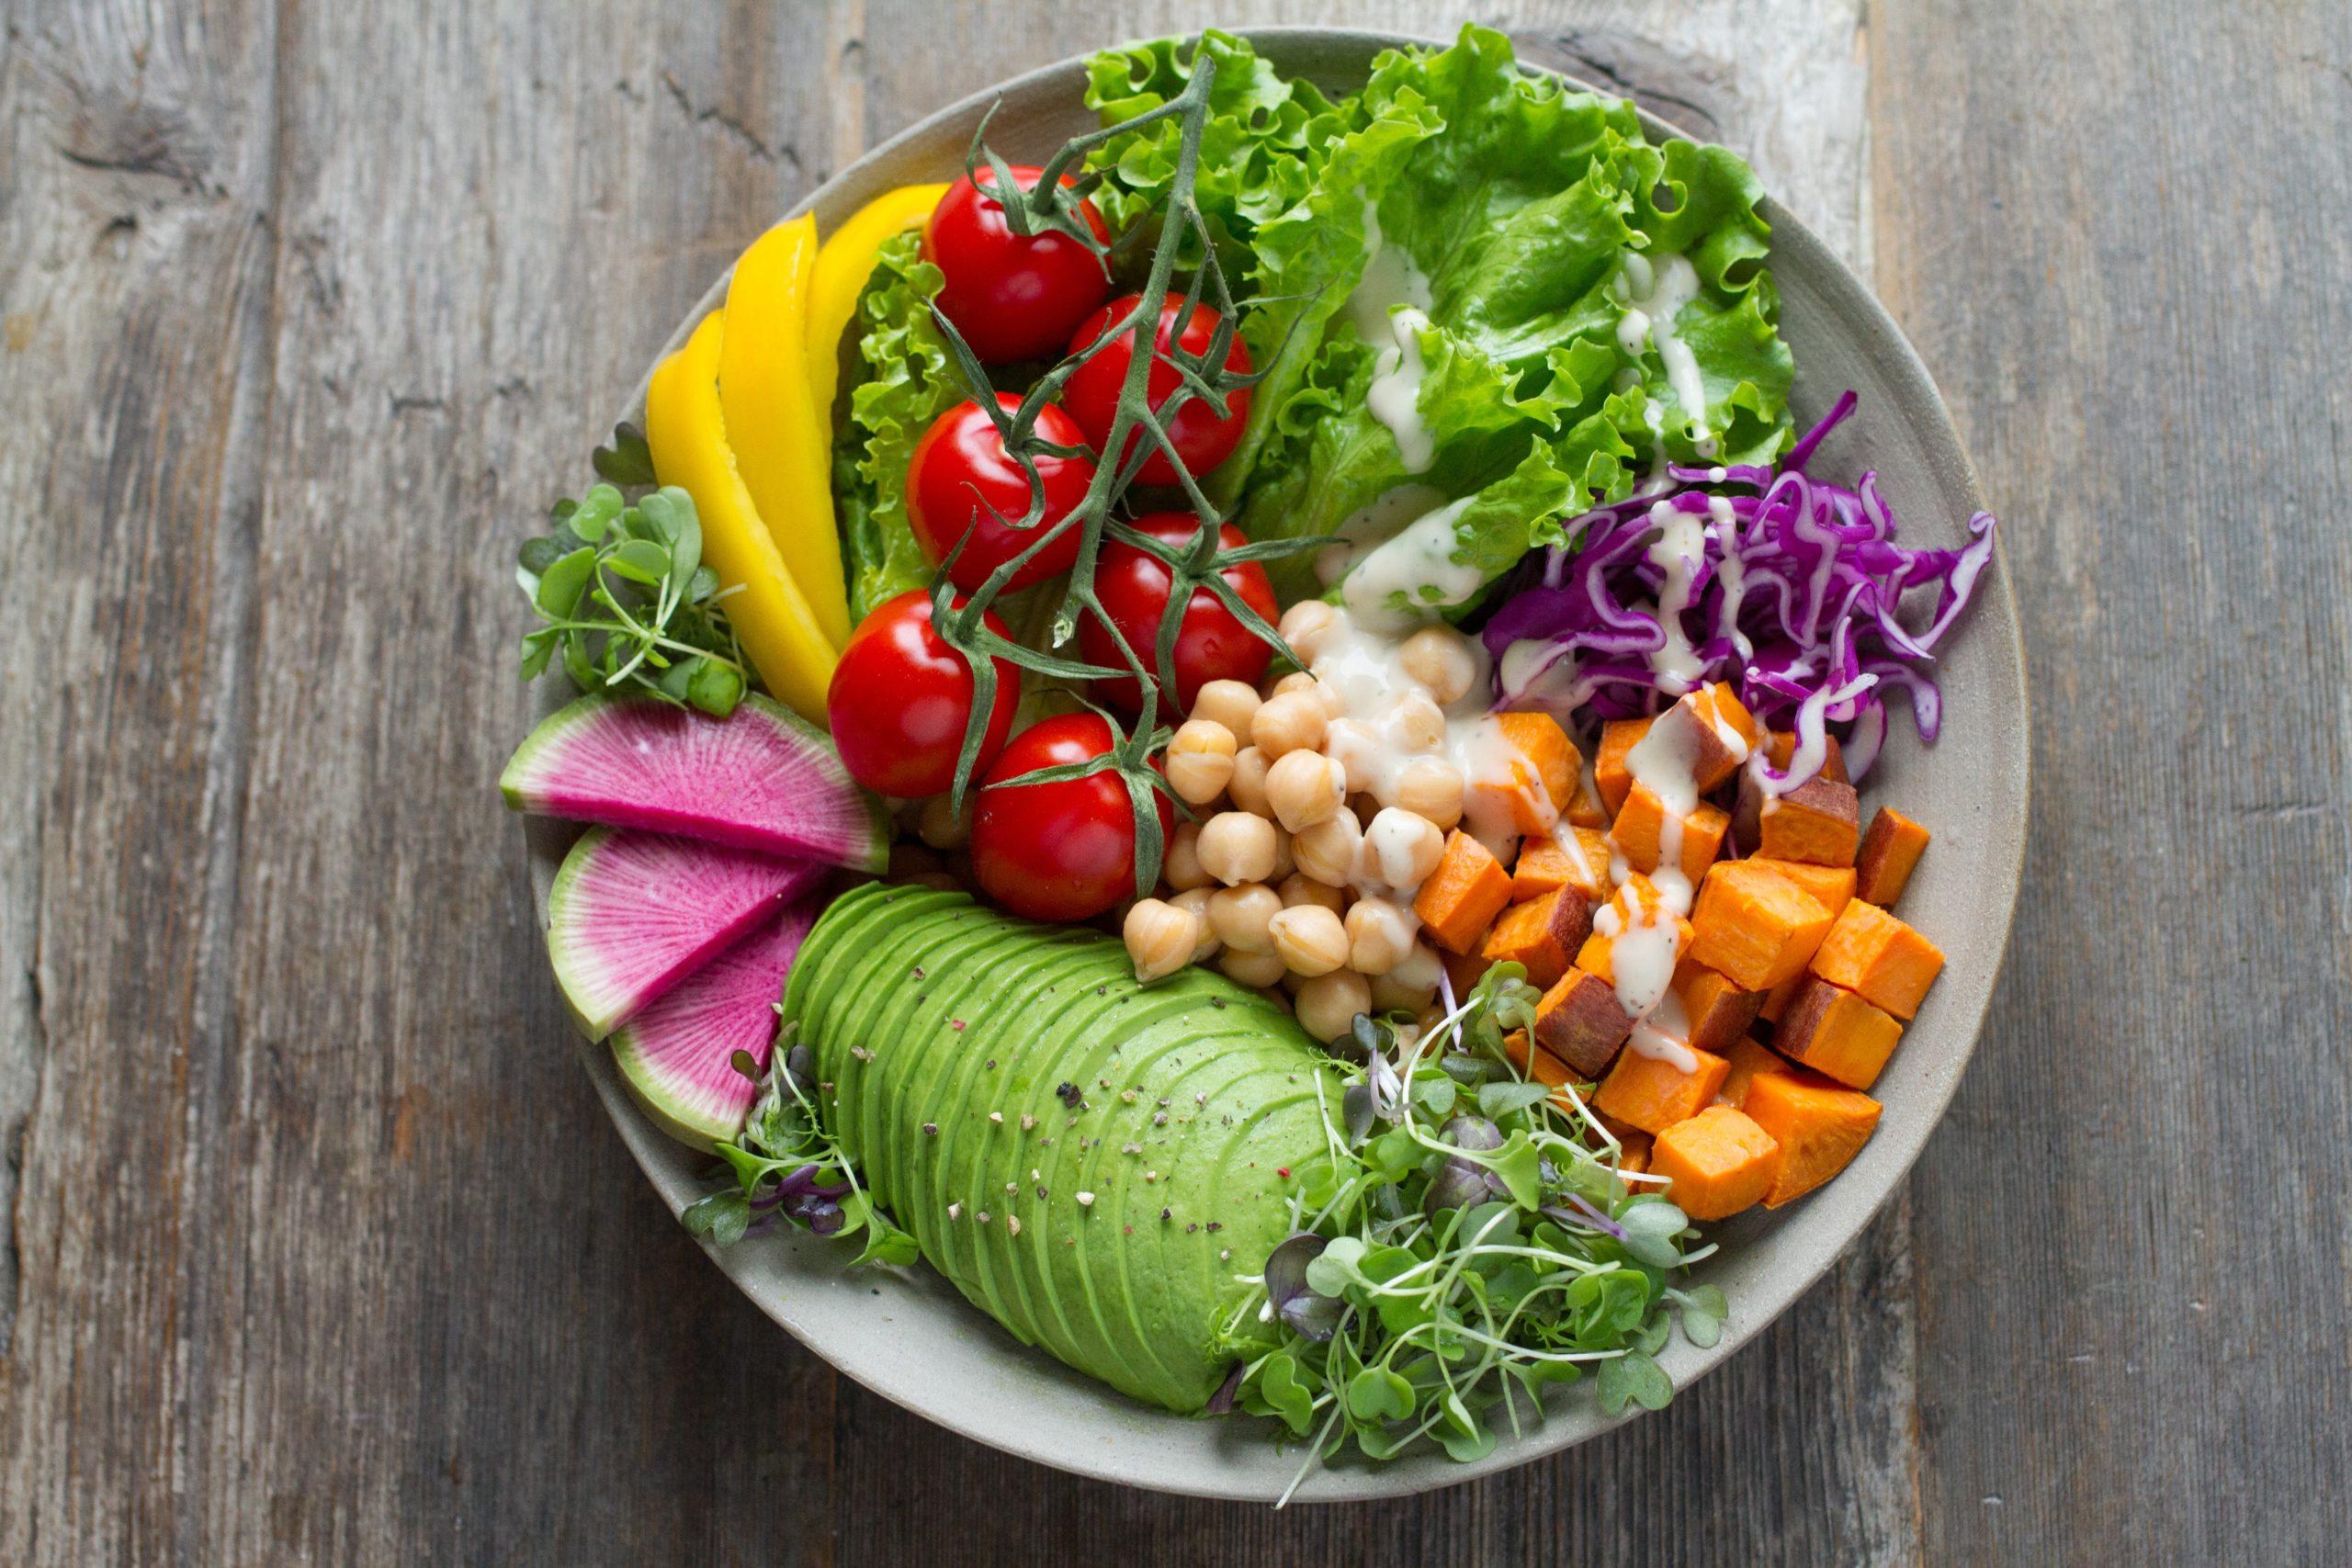 gezond eten tegen depressie